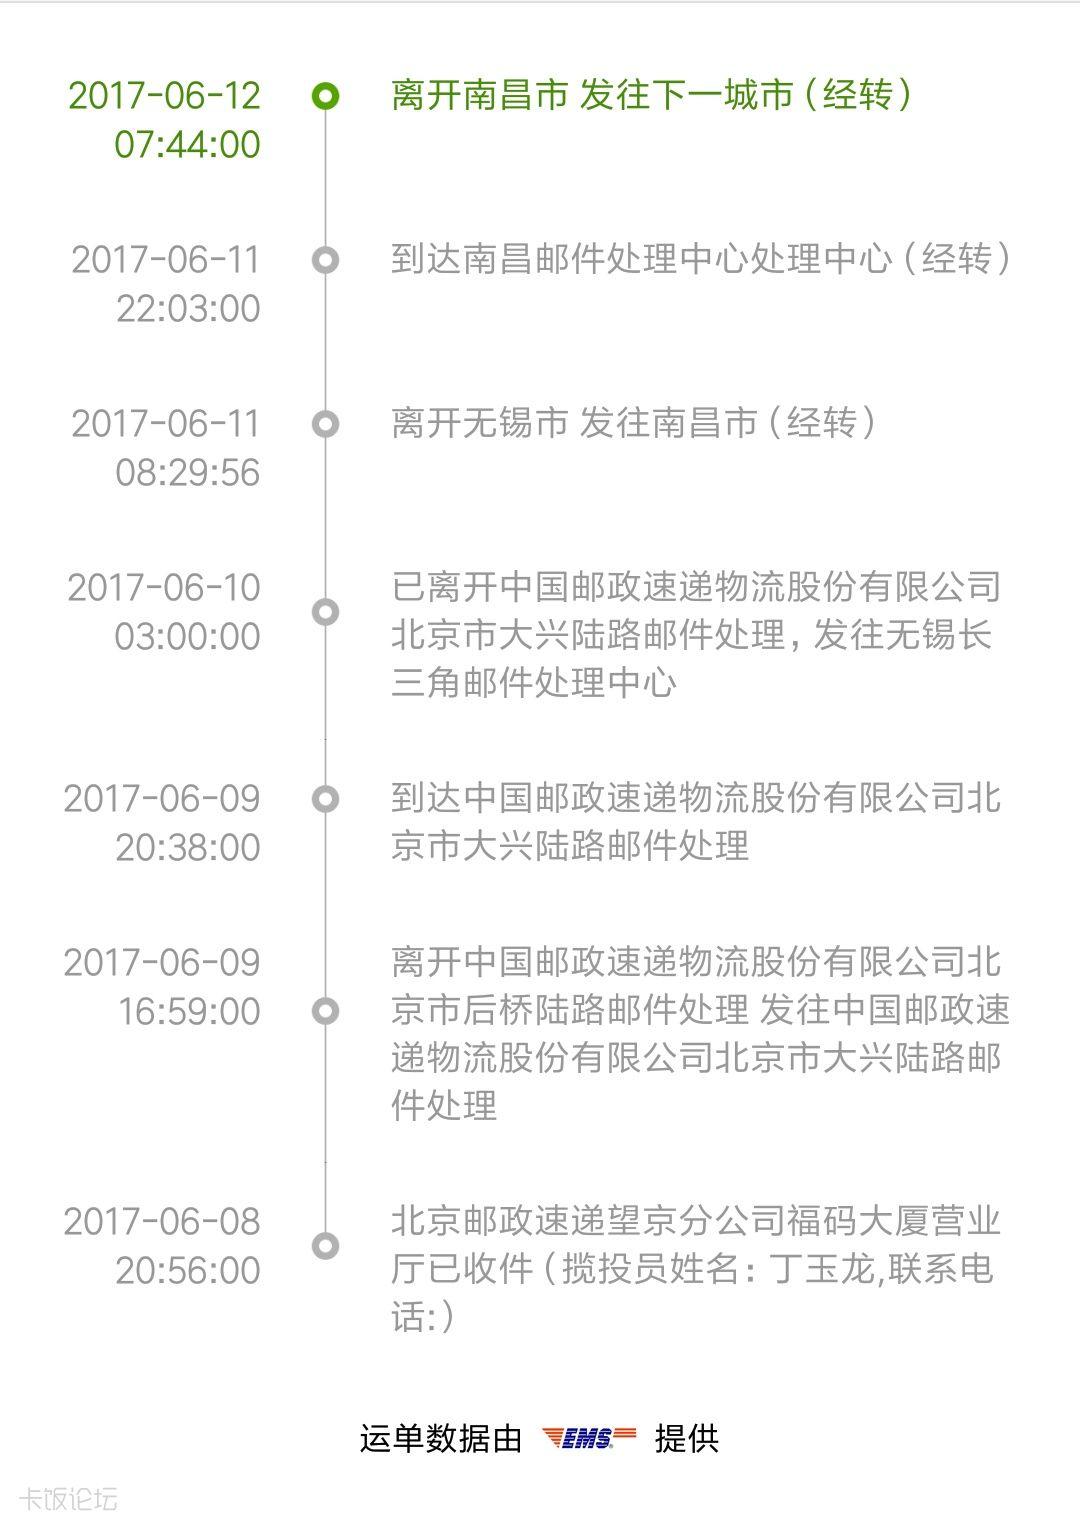 QQ图片20170612121223.jpg